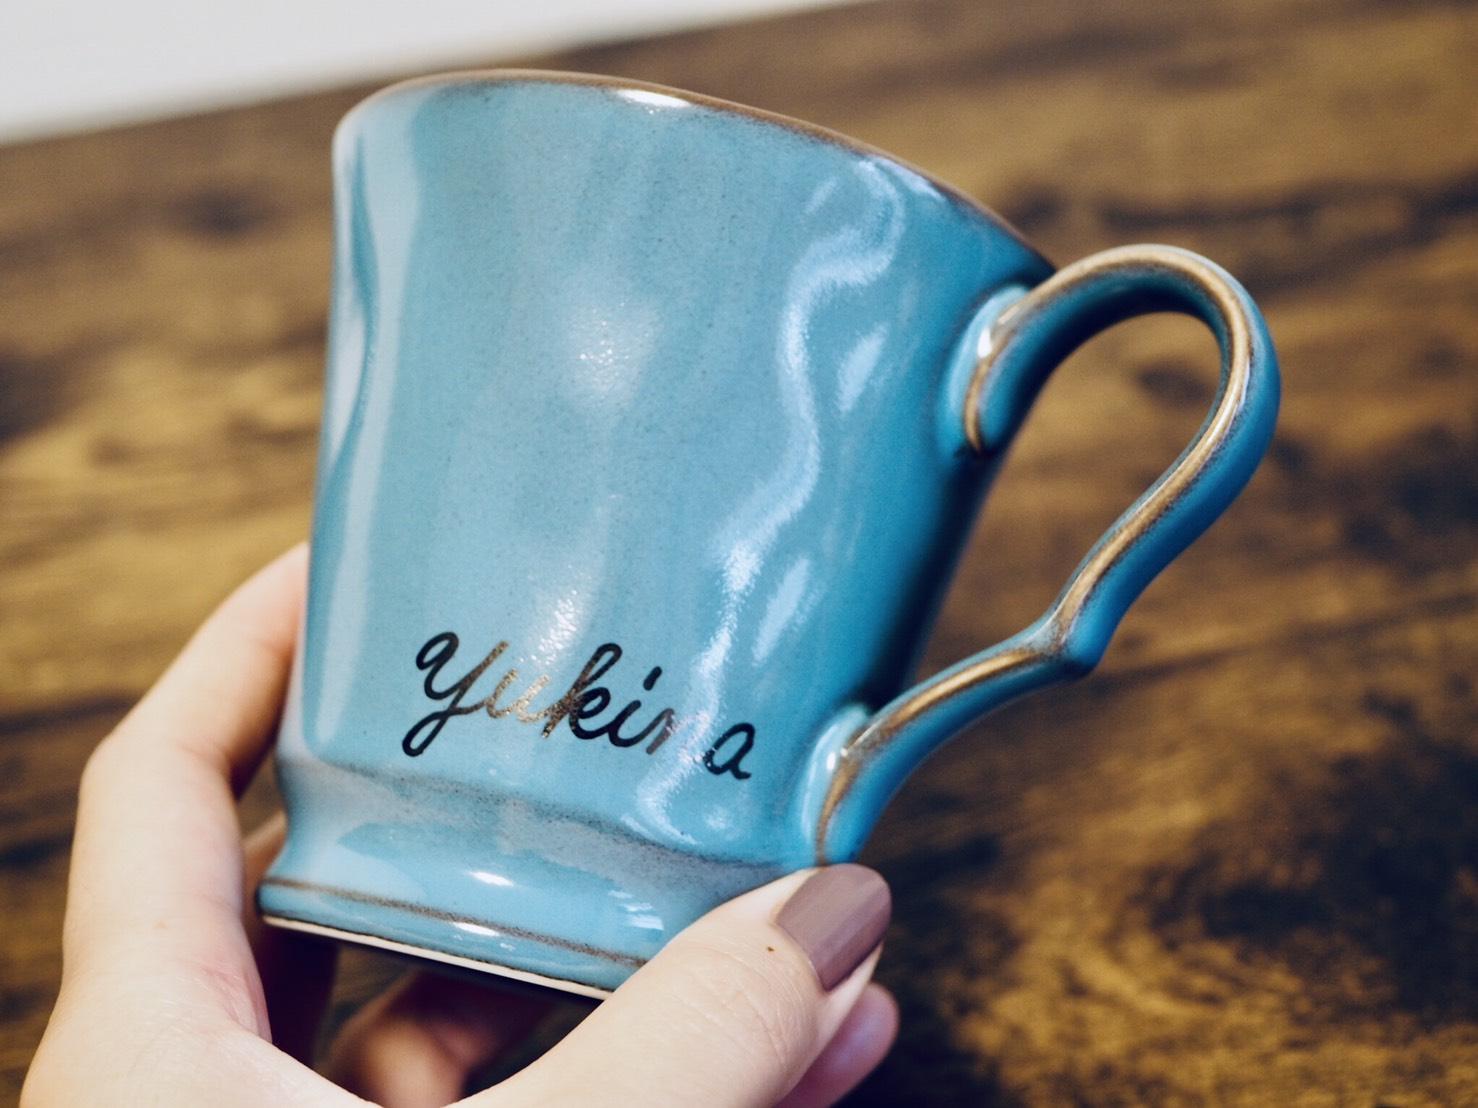 【ペアマグカップ】ギフトにも、自分にも。おすすめの名入れ工房❤︎_2